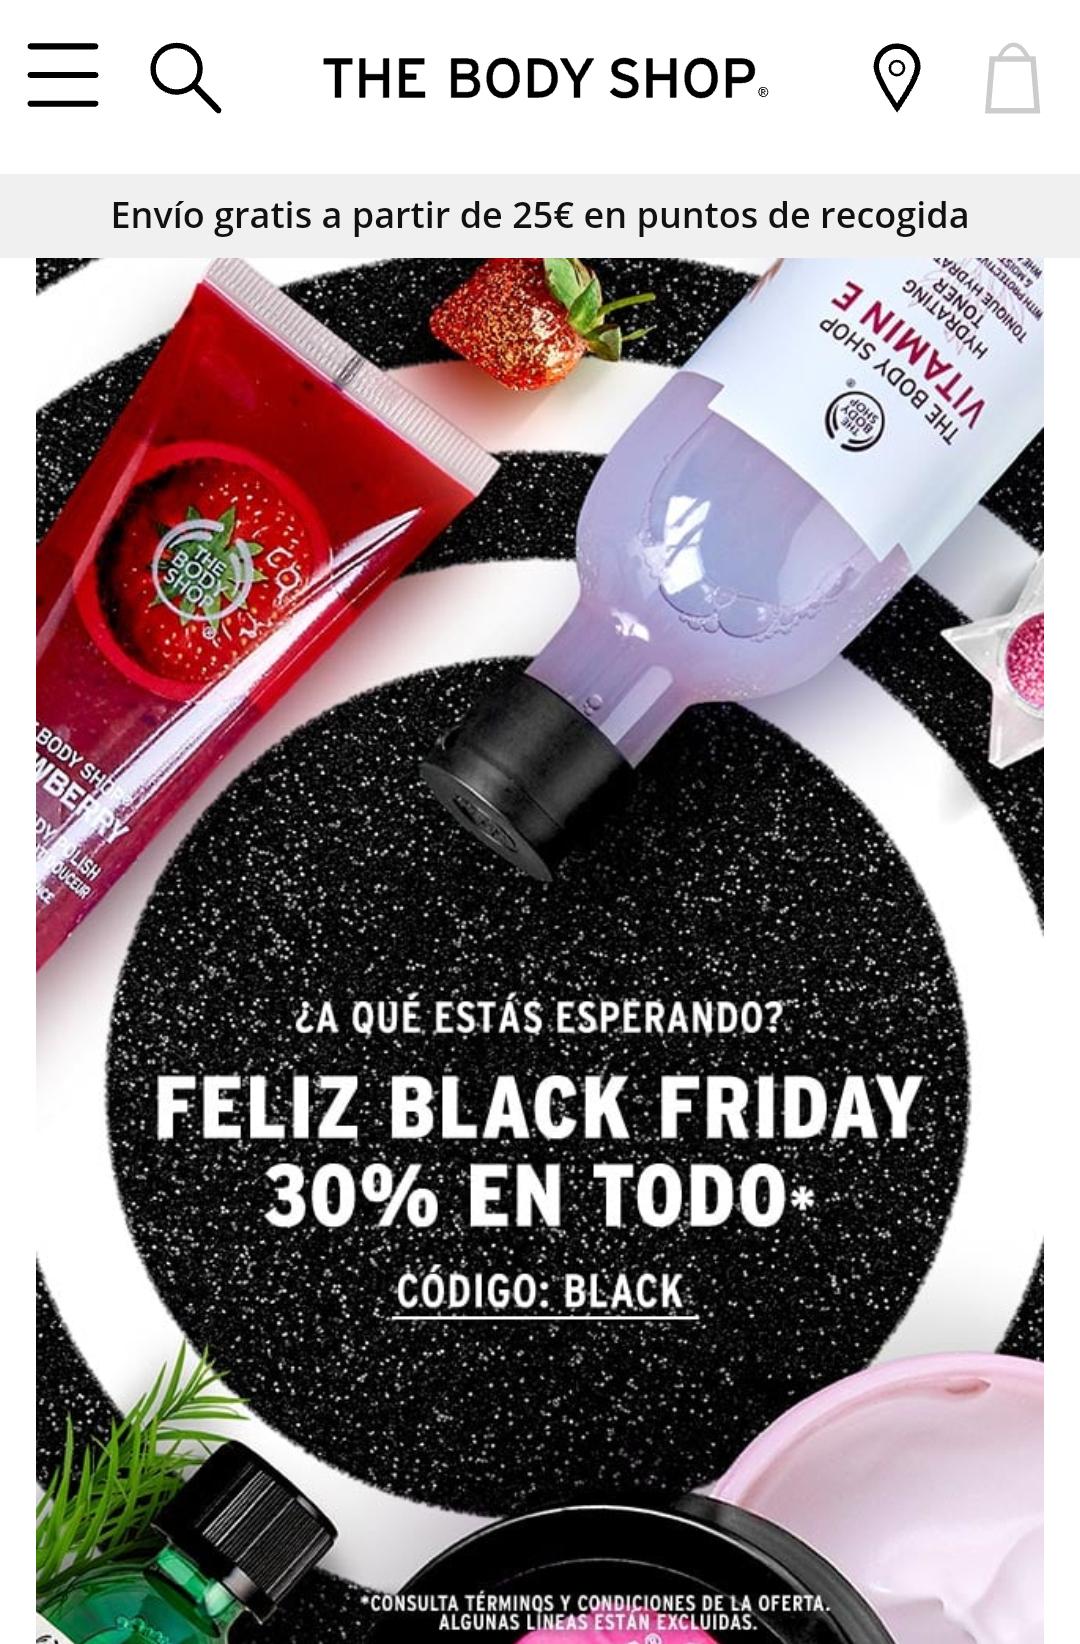 The Body Shop TODO al 30% descuento